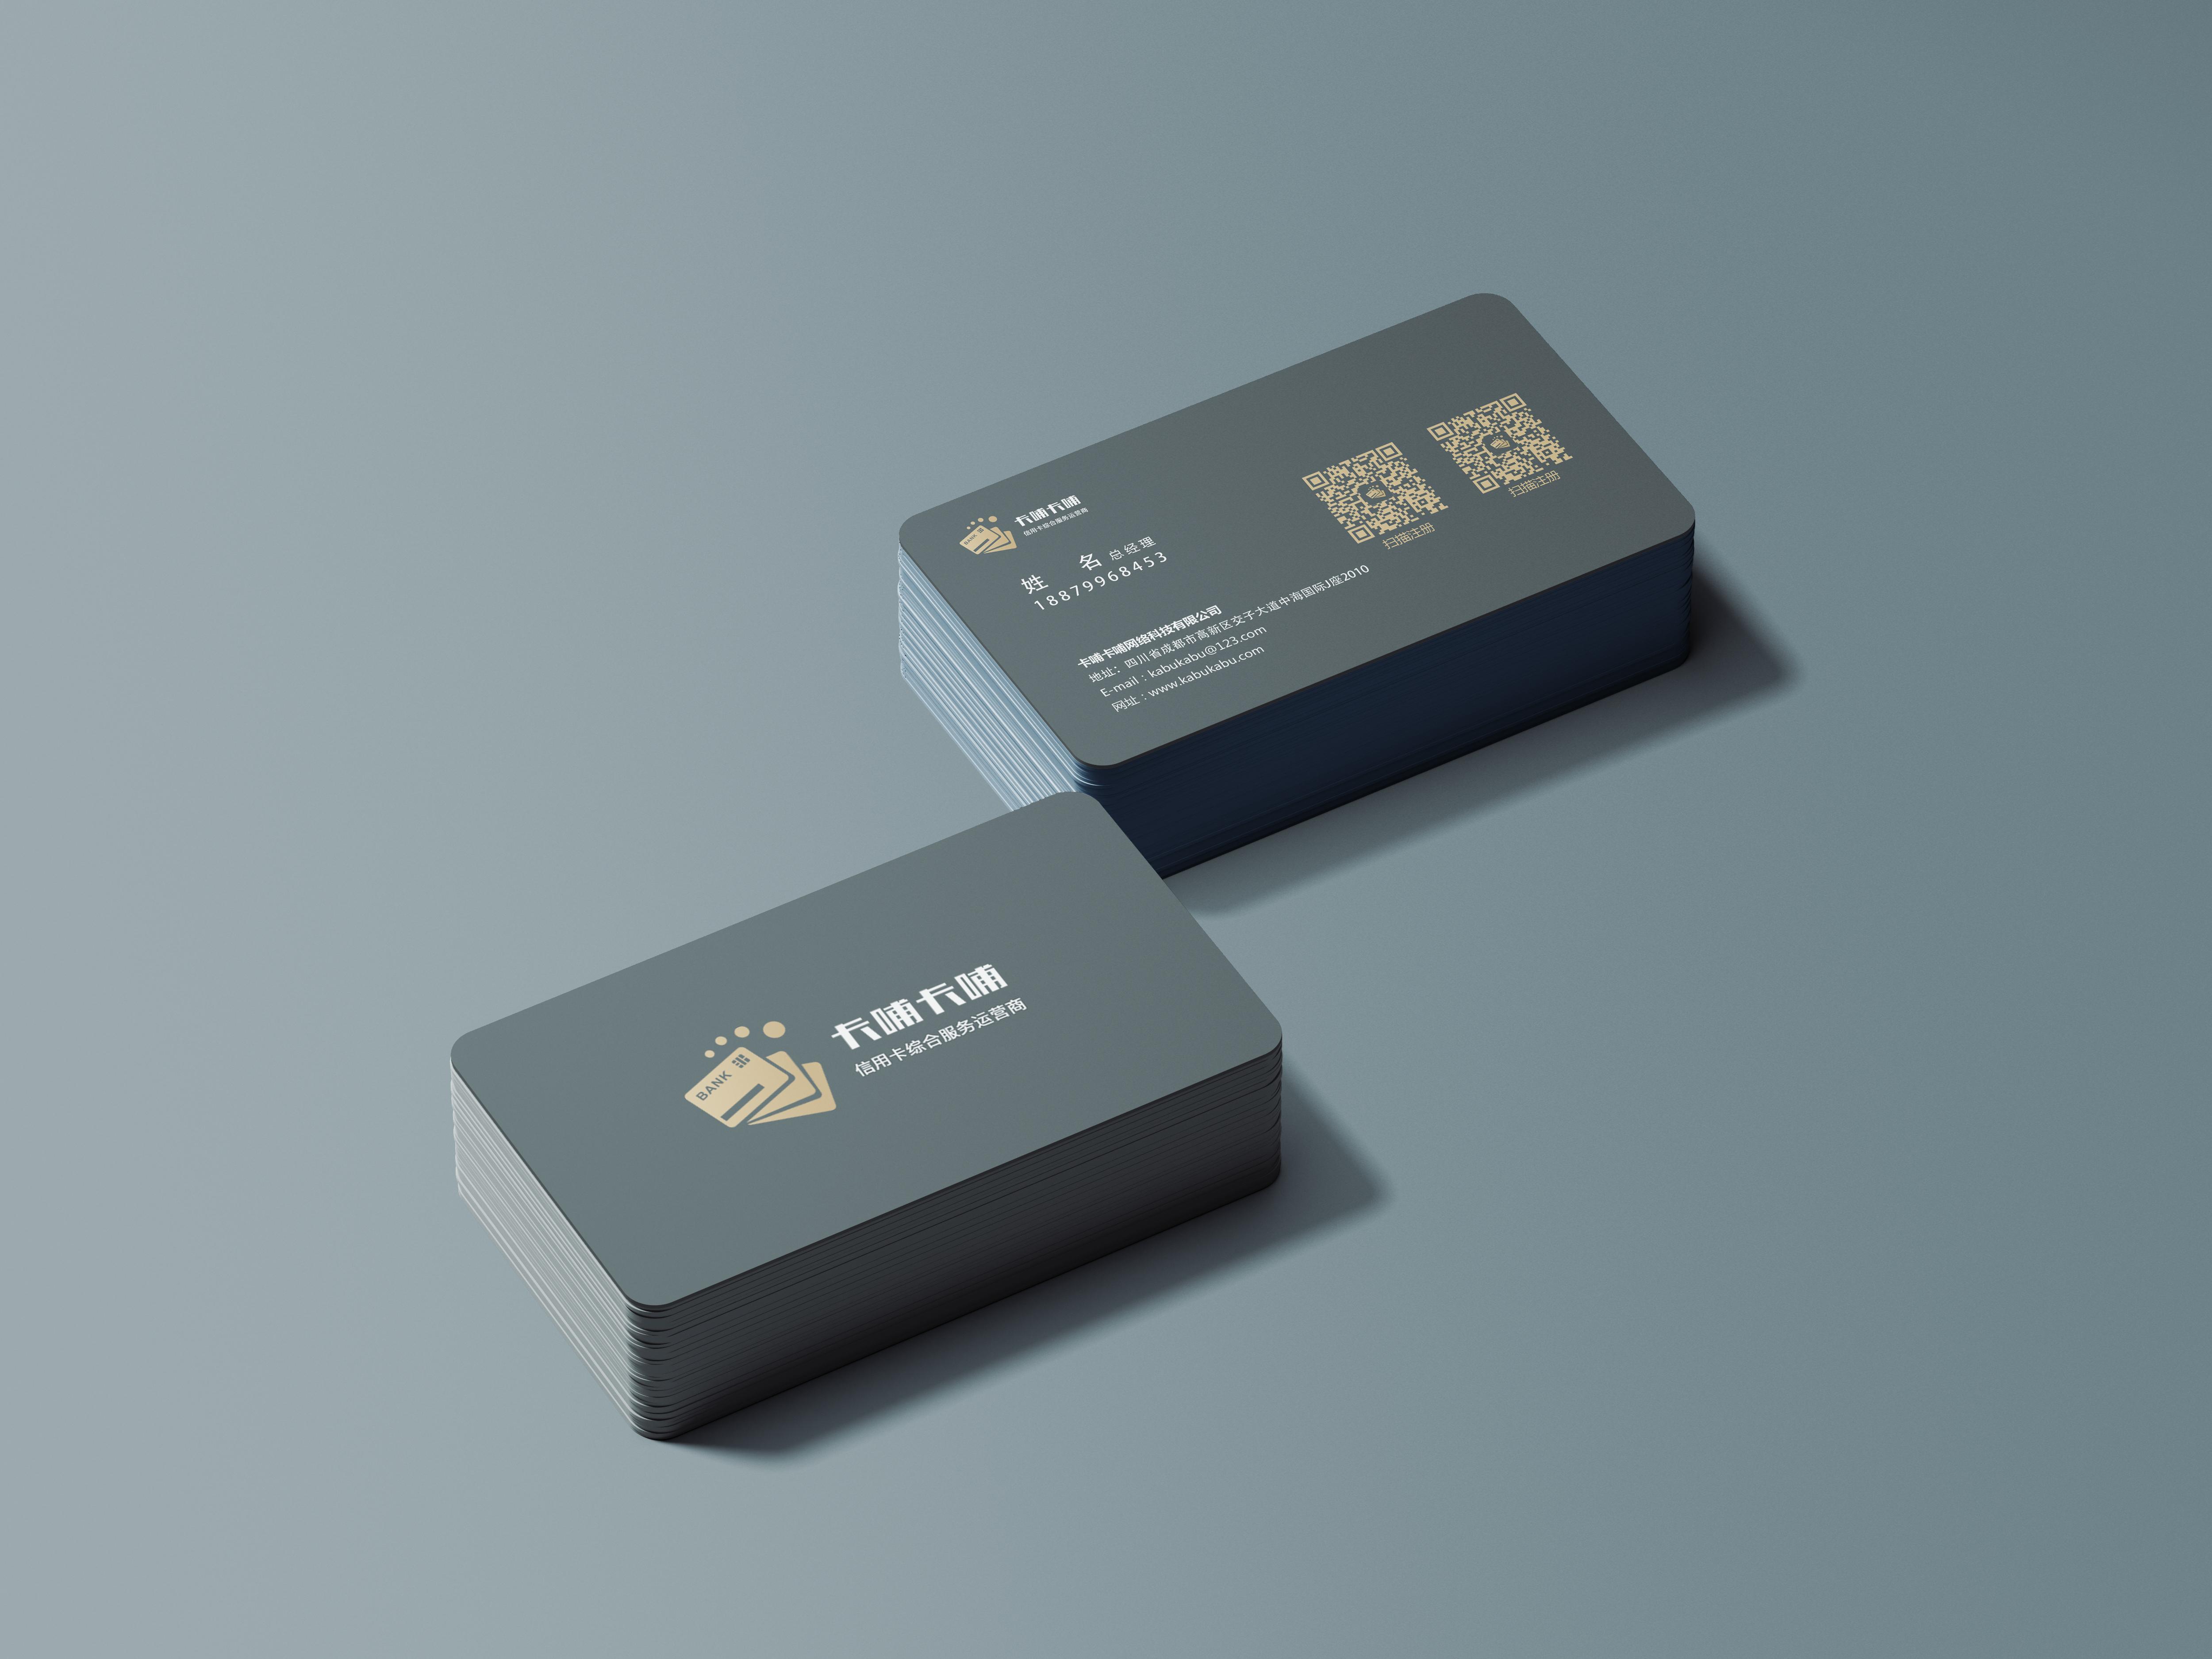 高端创意名片设计 公司工牌设计 会员卡代金券台卡请柬定制